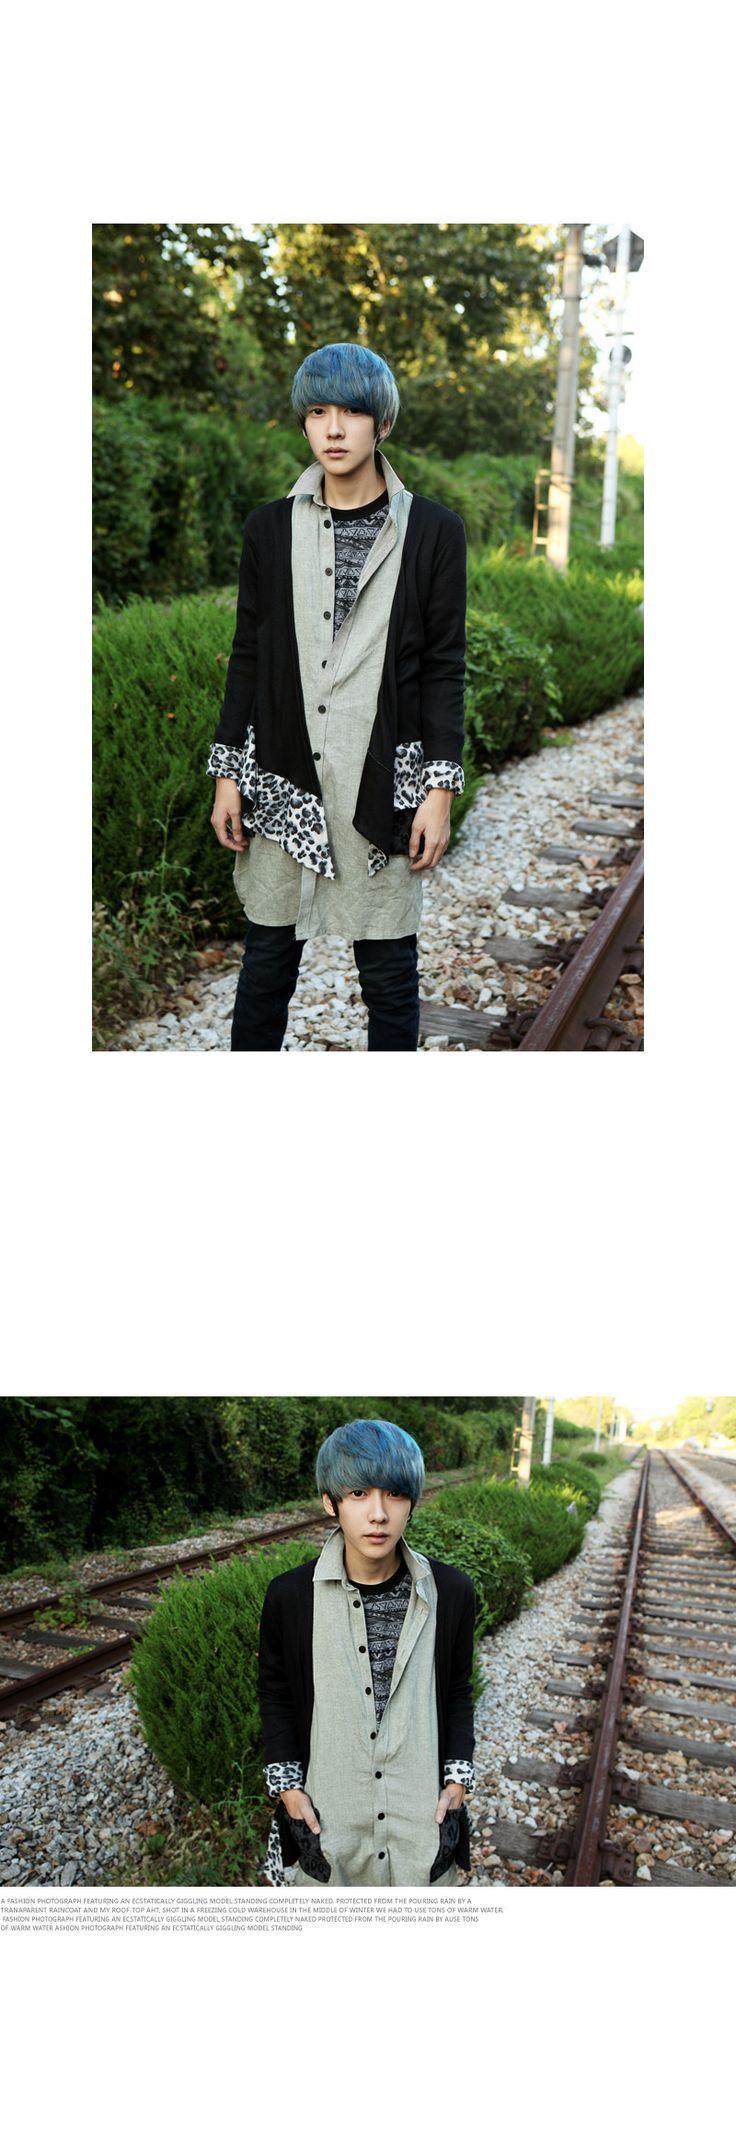 오늘주문 오늘도착★국내유일★1위쇼핑몰 아보키 [길리안 호피 가디건독특한 사선디테일 패턴!간지나는 호피무늬 가디건!]